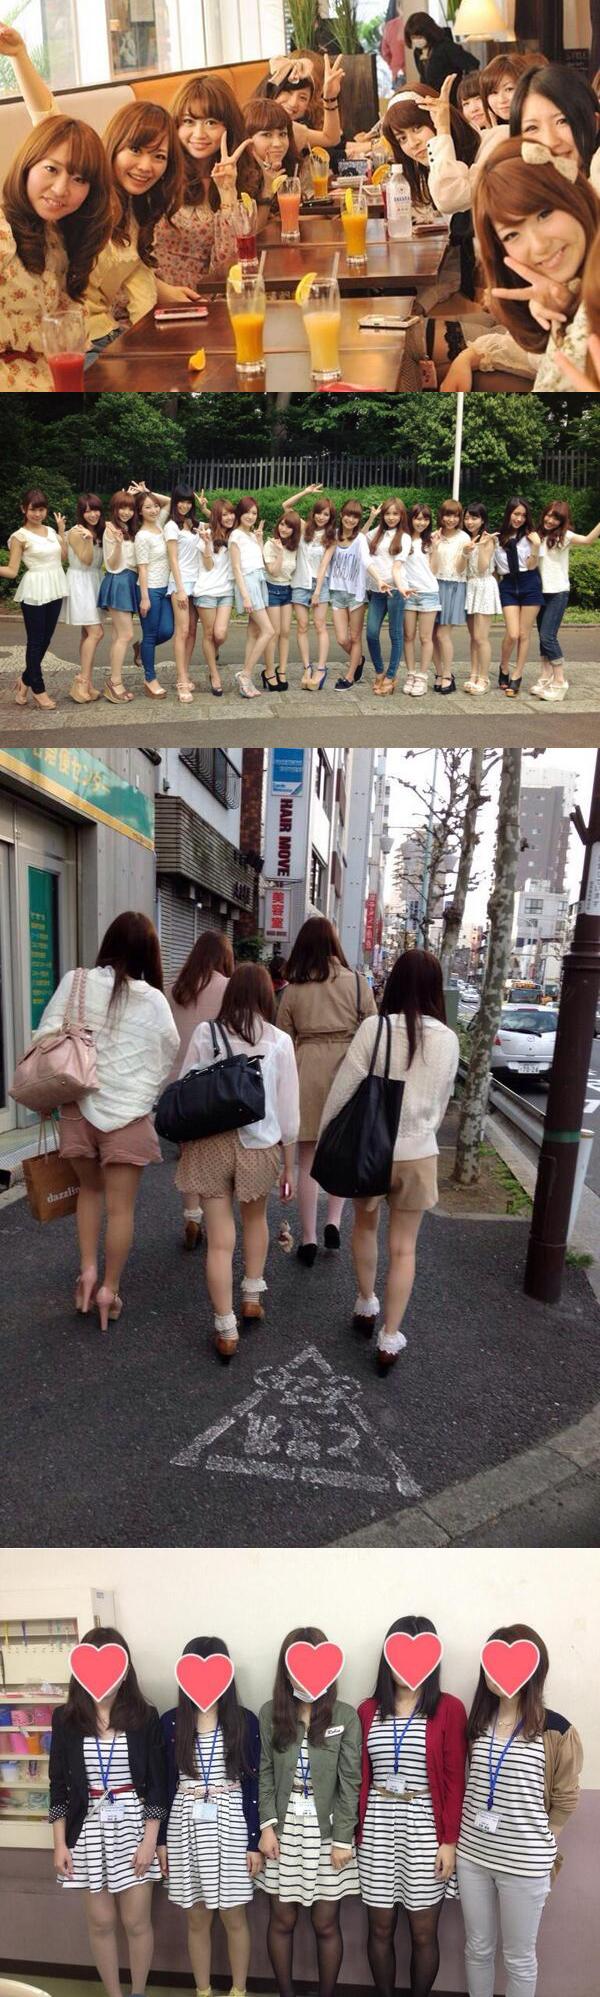 面白画像 没個性! 同じ髪型・同じファッションの「量産型女子」がまるでクローン人間(笑)beauty_0039